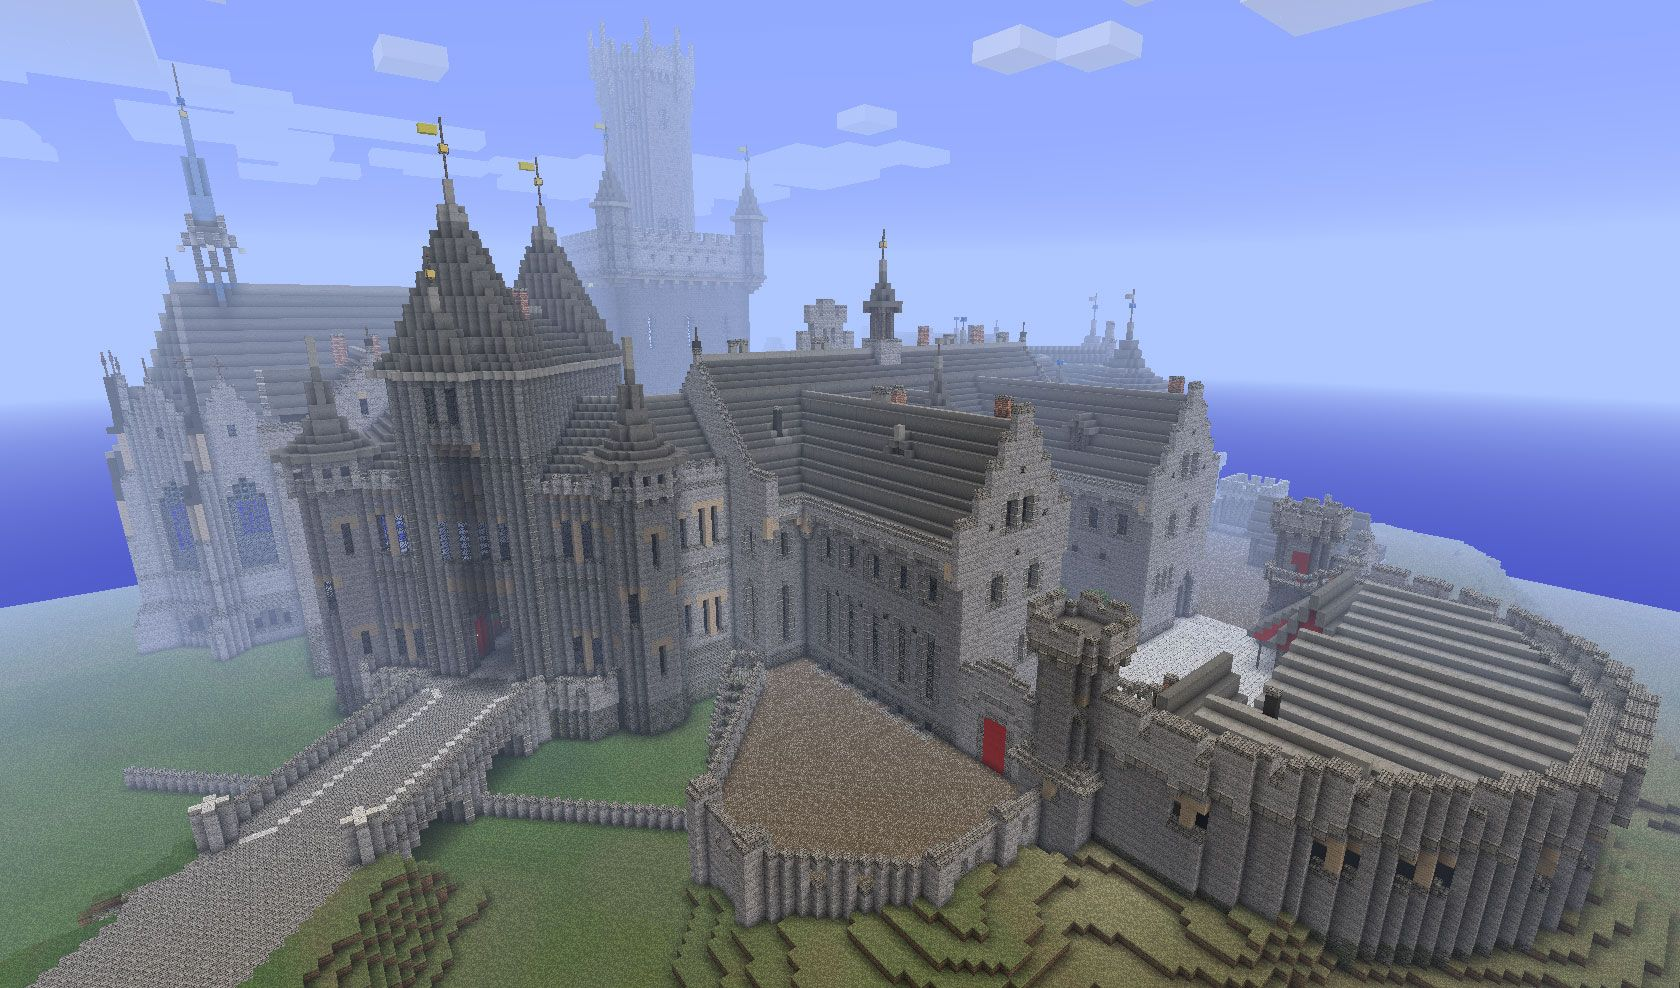 A Kings Castle